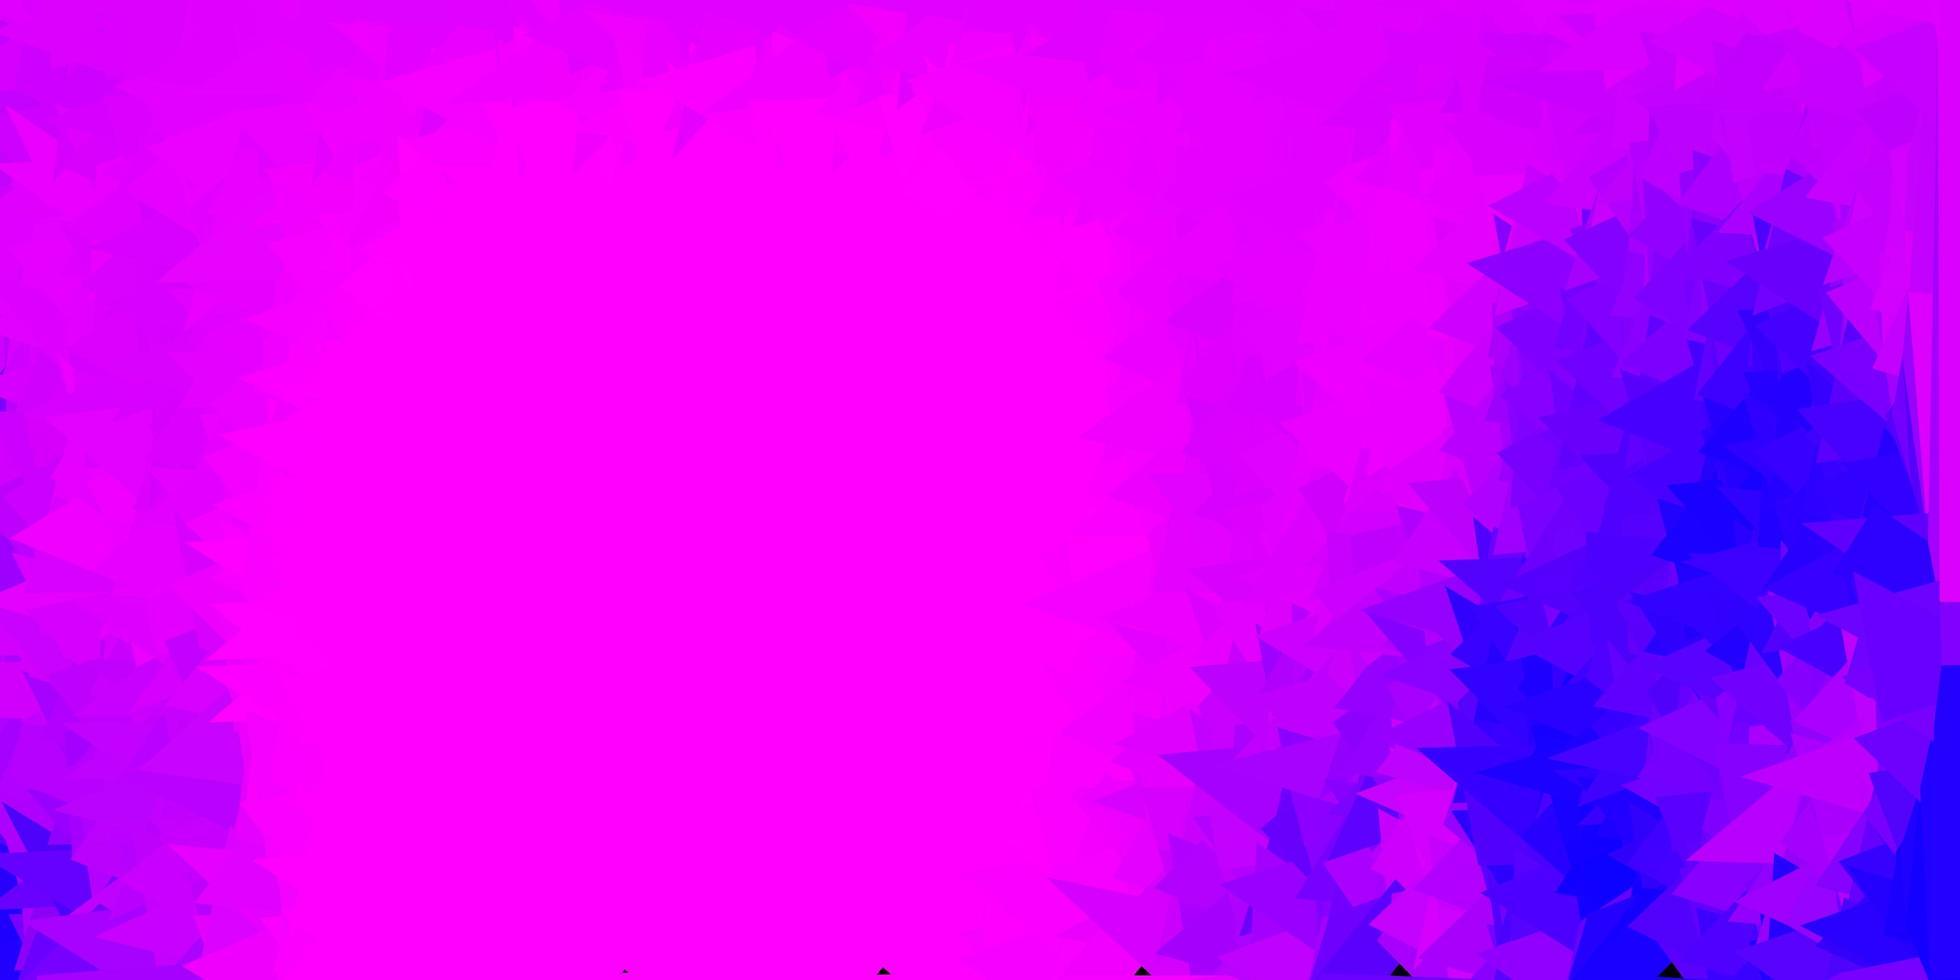 plantilla de mosaico de triángulo de color púrpura claro, rosa. vector